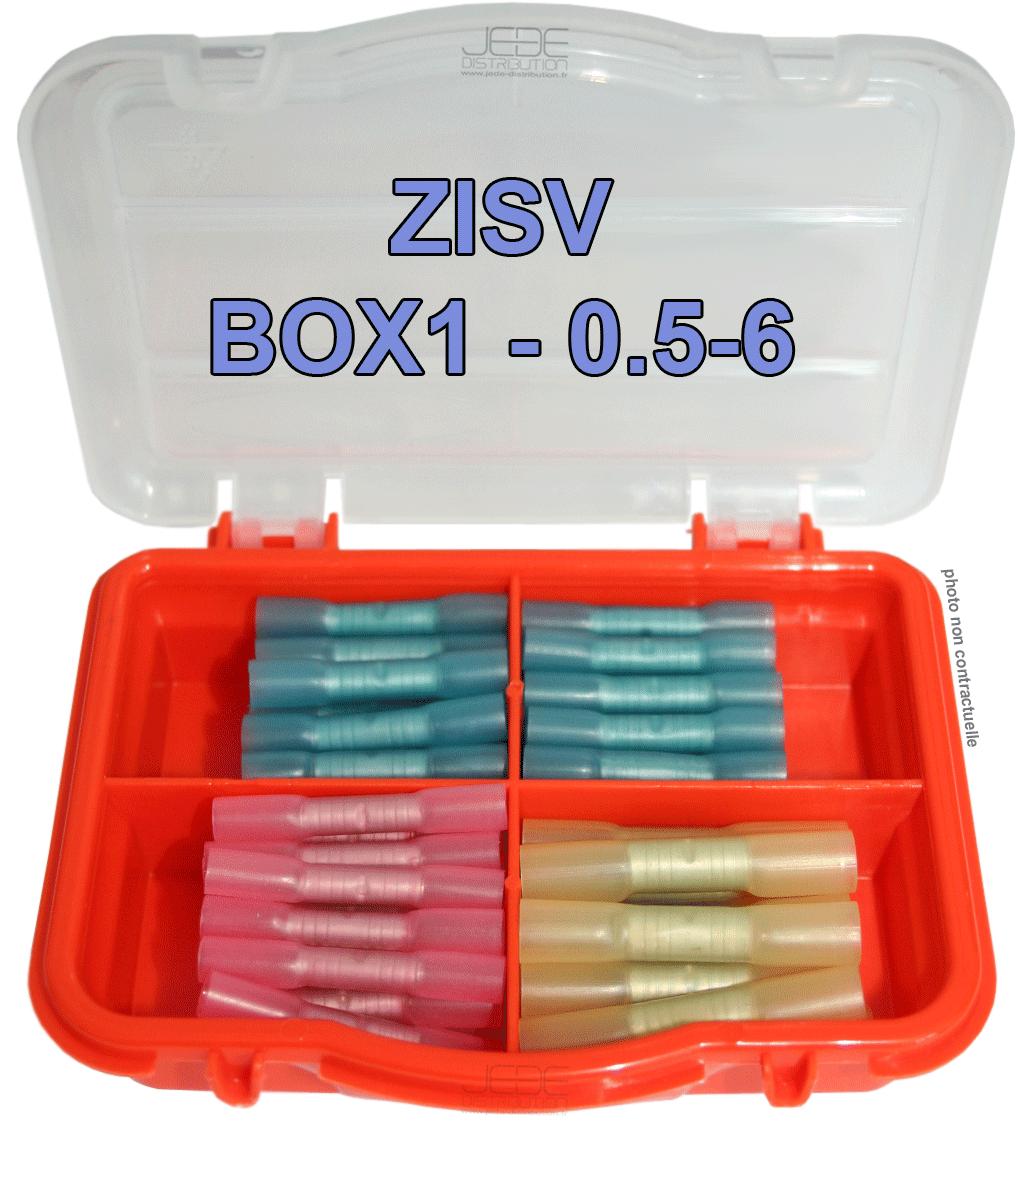 Zdad box1 boite d assortiment de 16 connecteurs auto for 16 box auto